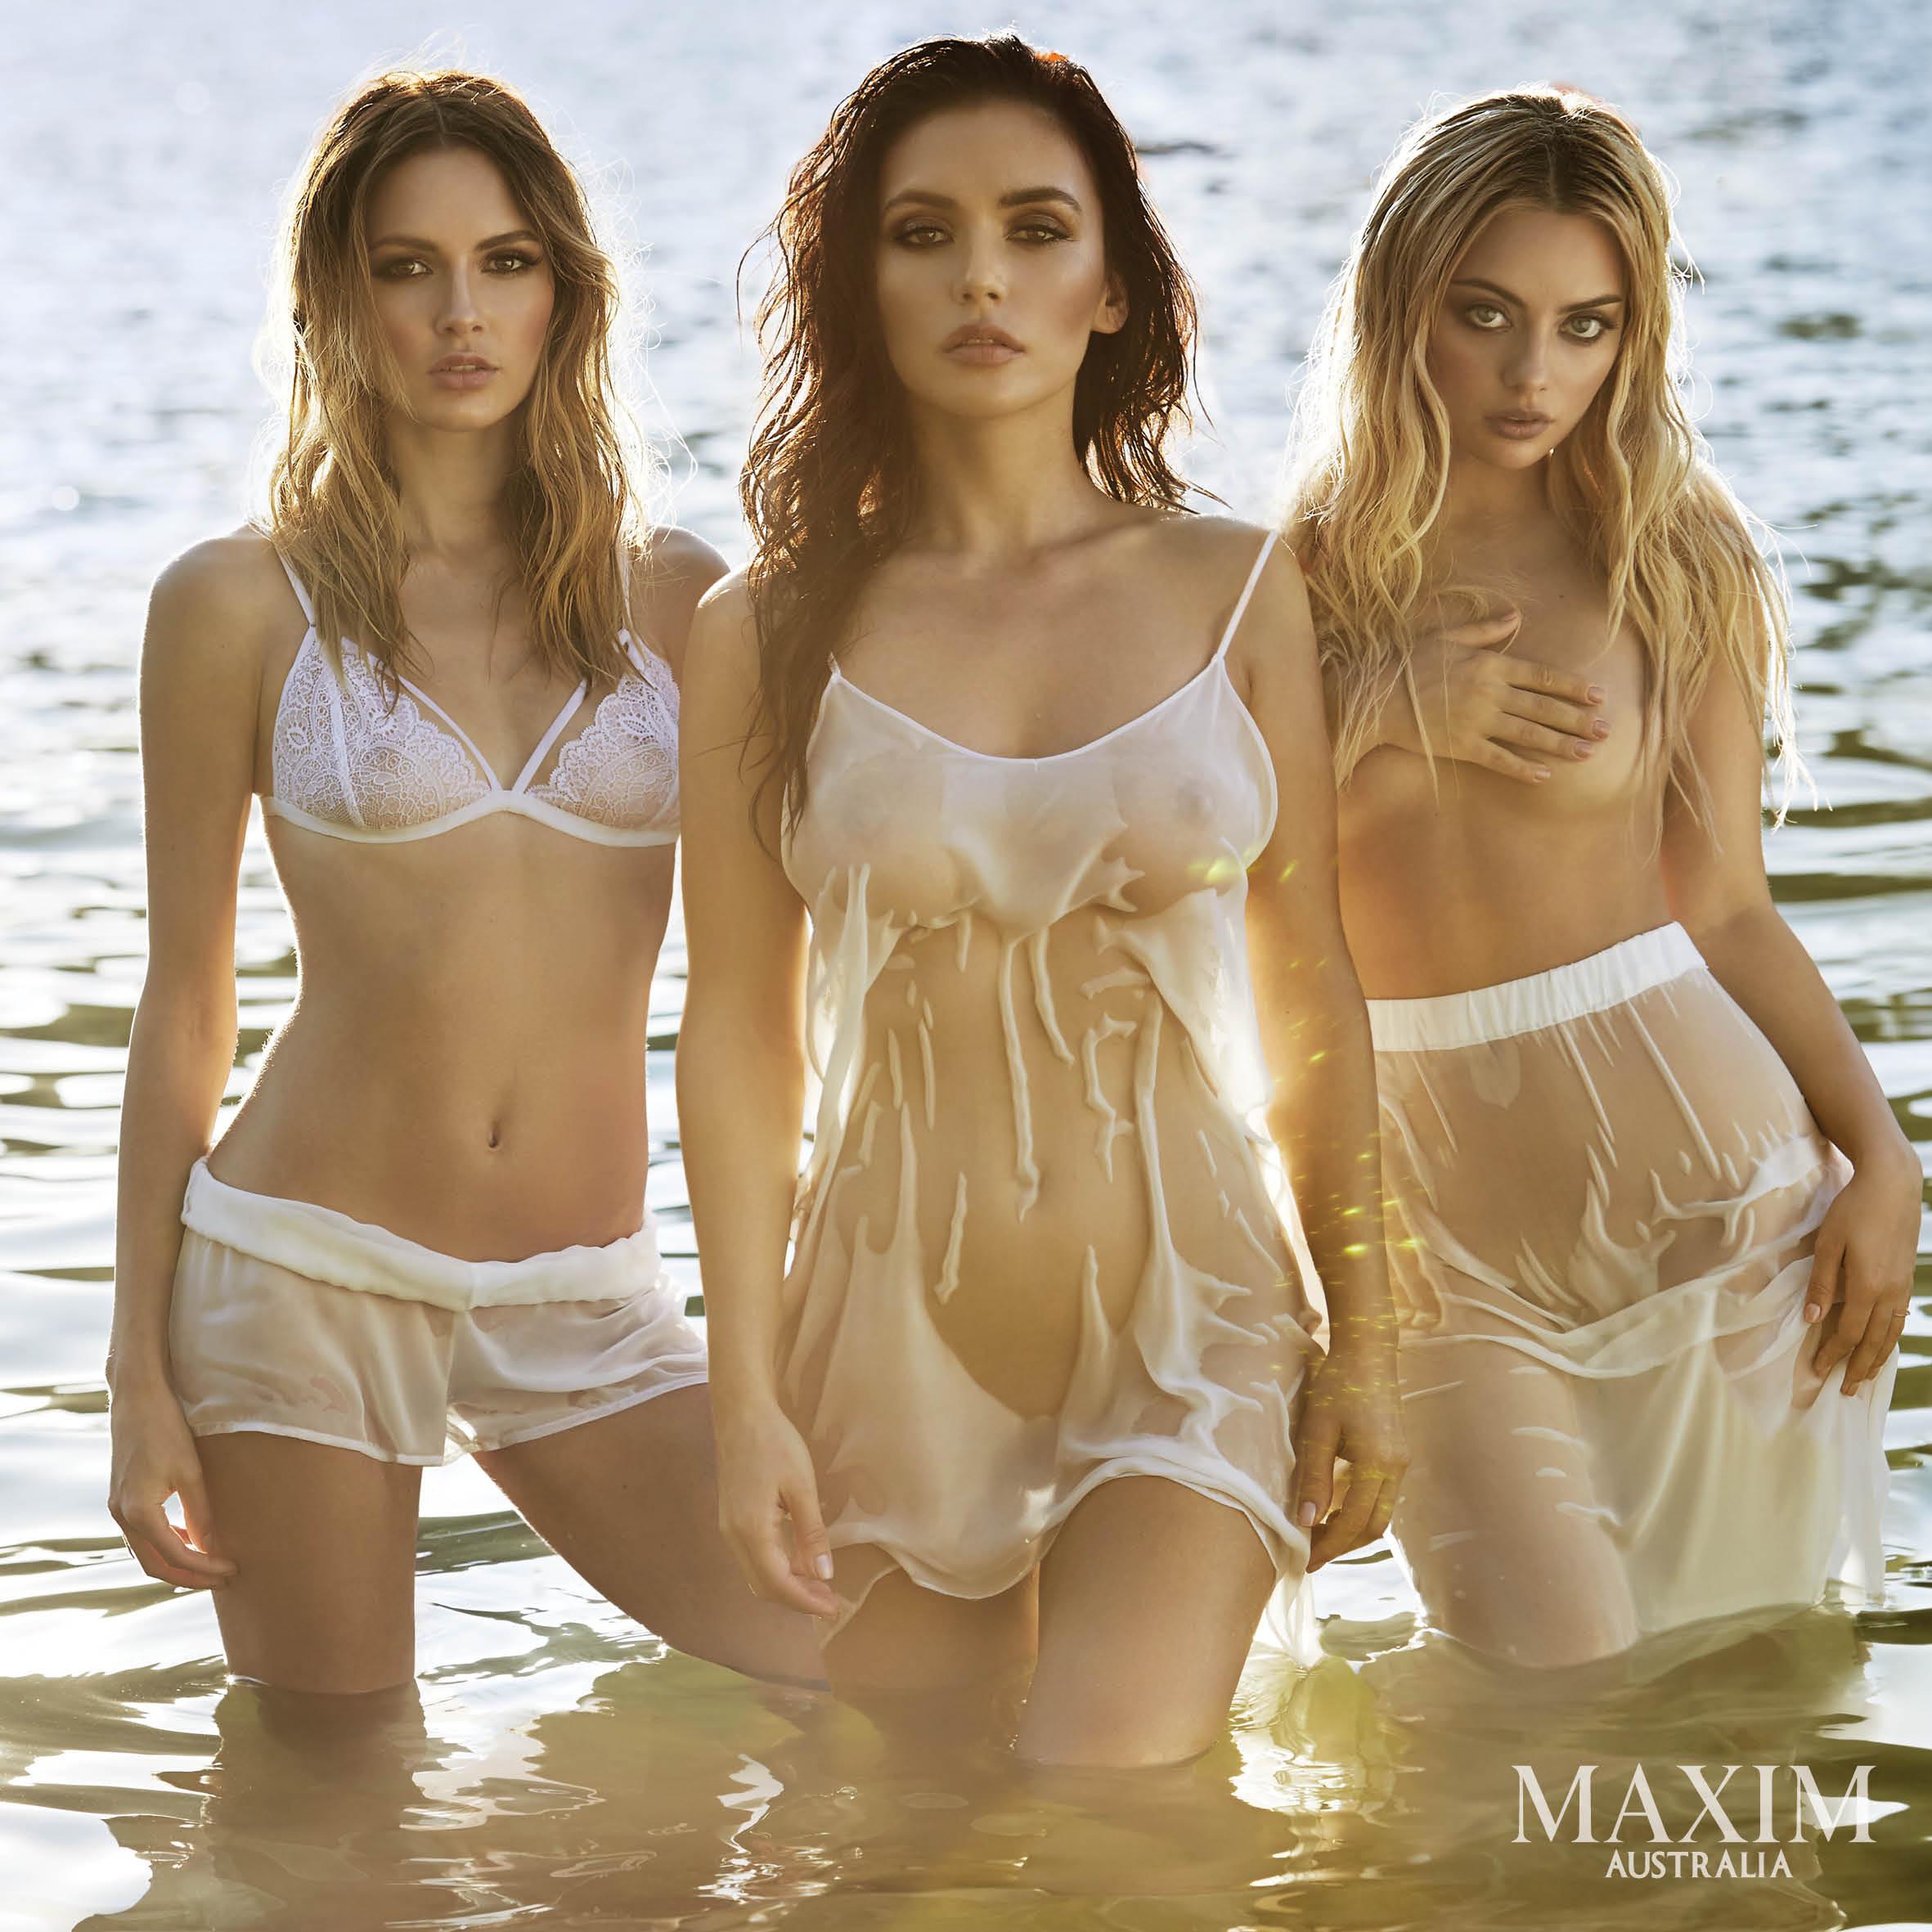 Maxim-Australia-Serebro-6